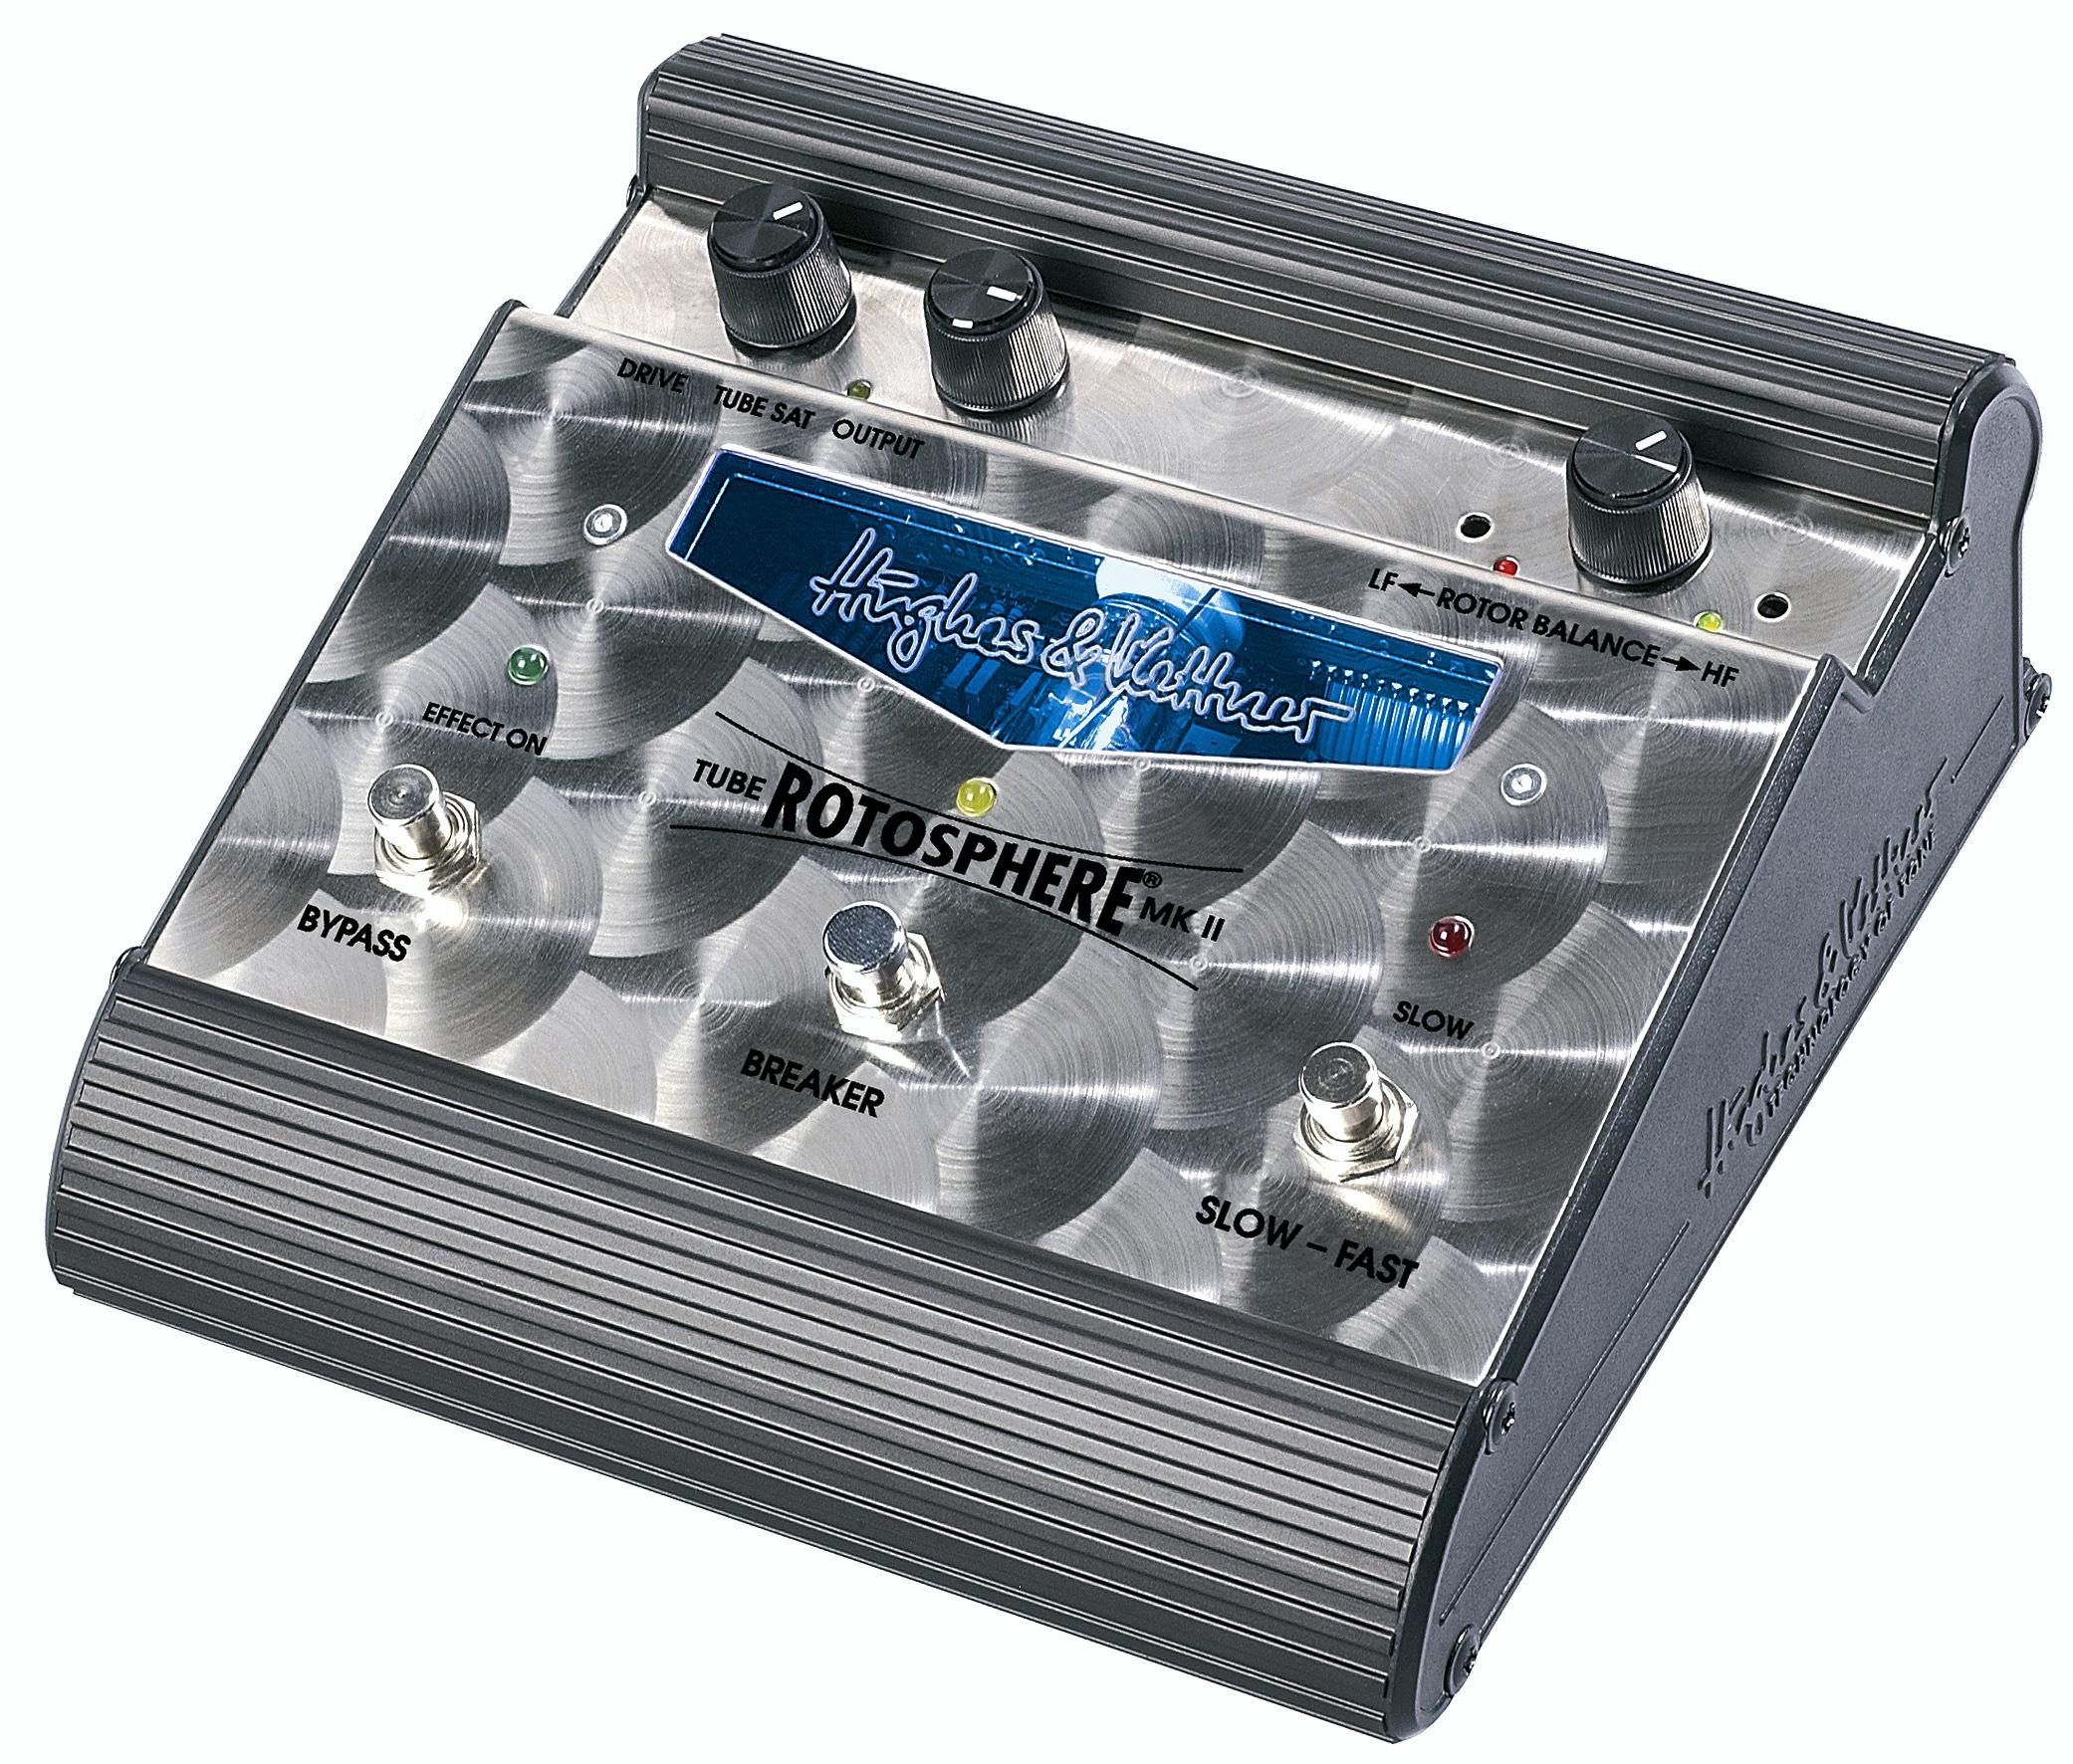 AC Adapter For Hughes /& Kettner Tube Rotosphere MKI MK I 1 Tubeman Leslie Pedal